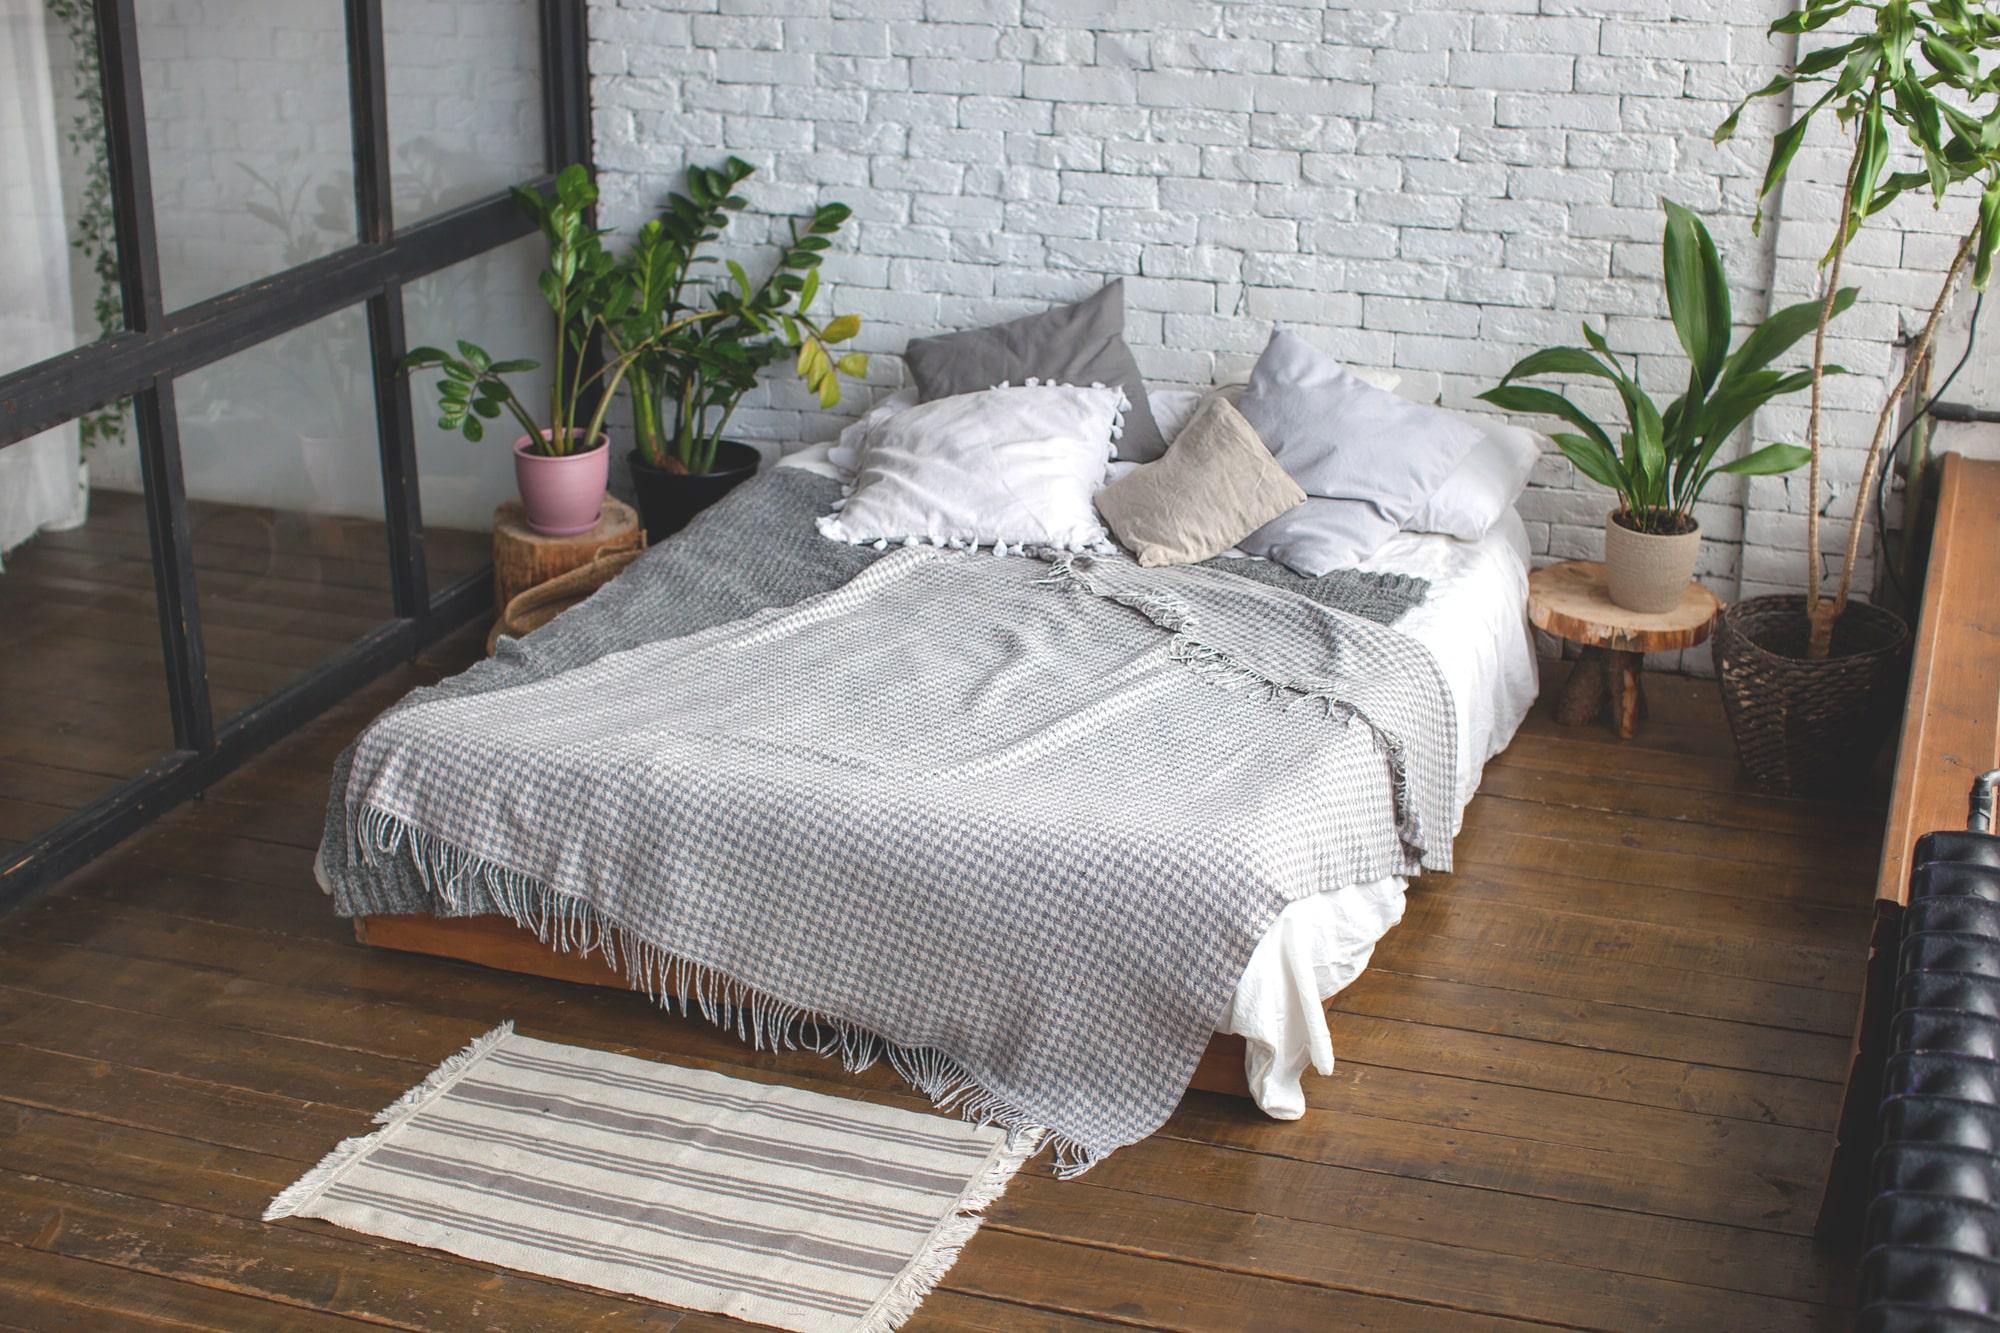 Wohnung schön und günstig einrichten im Schlafzimmer